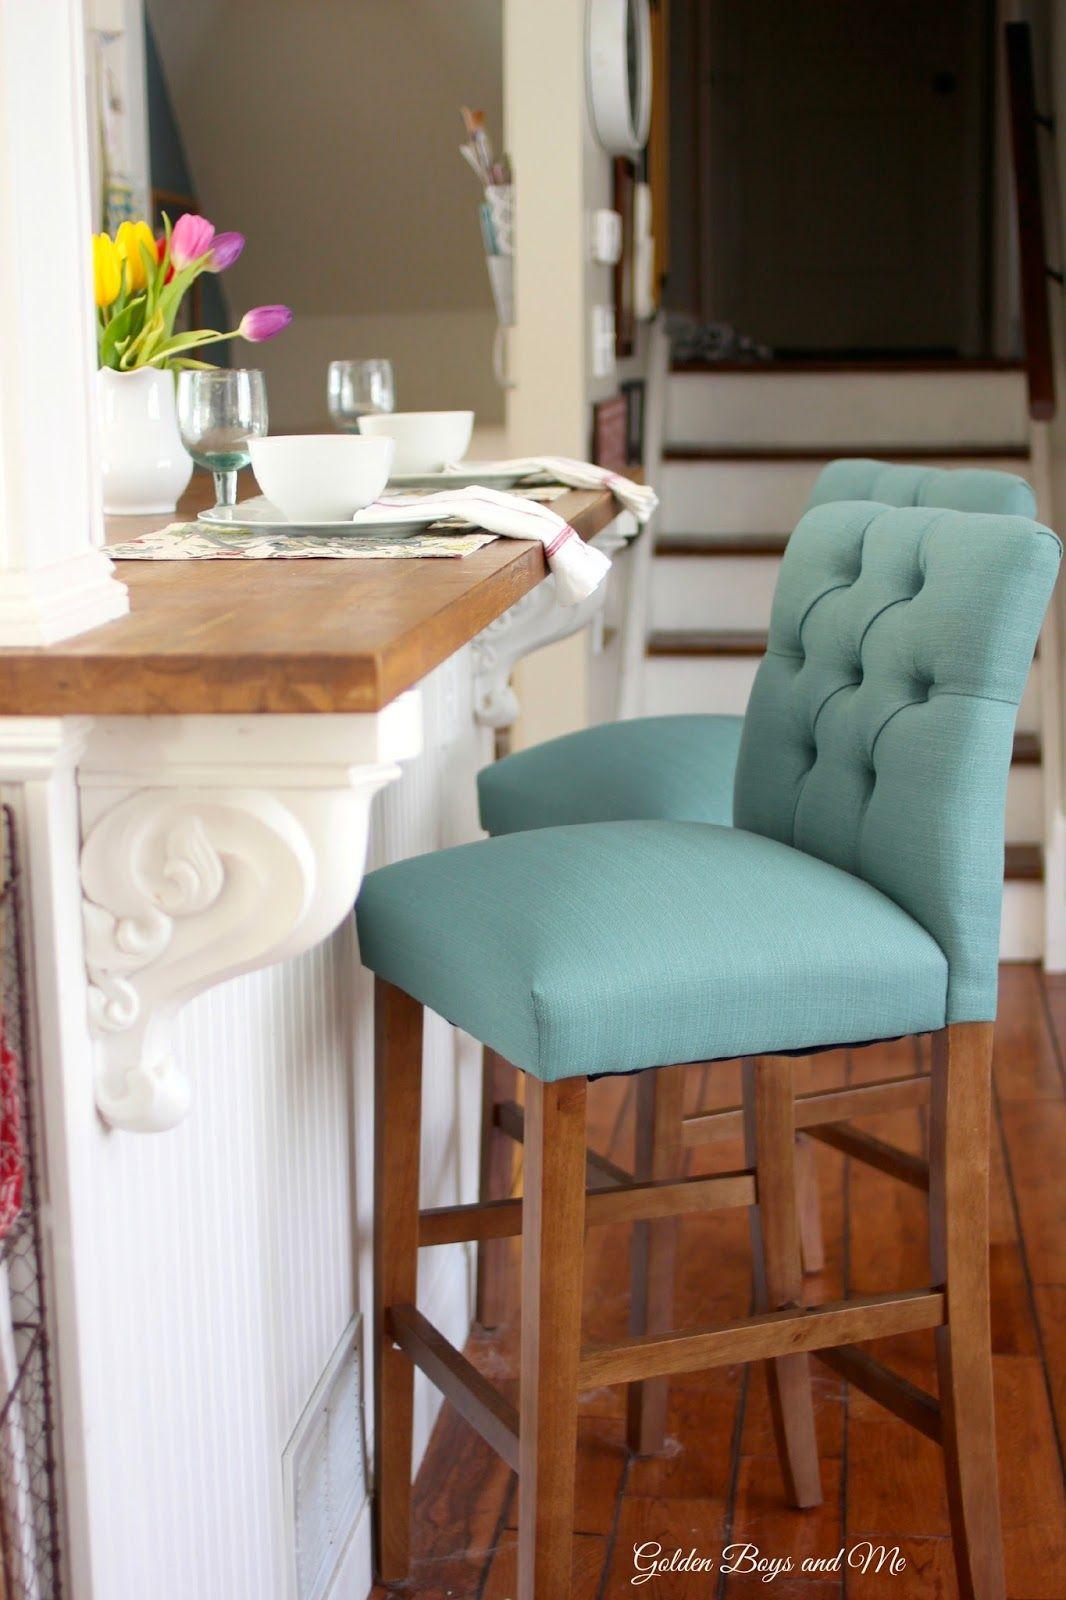 New Barstools | Rund ums haus, Runde und Wohnen